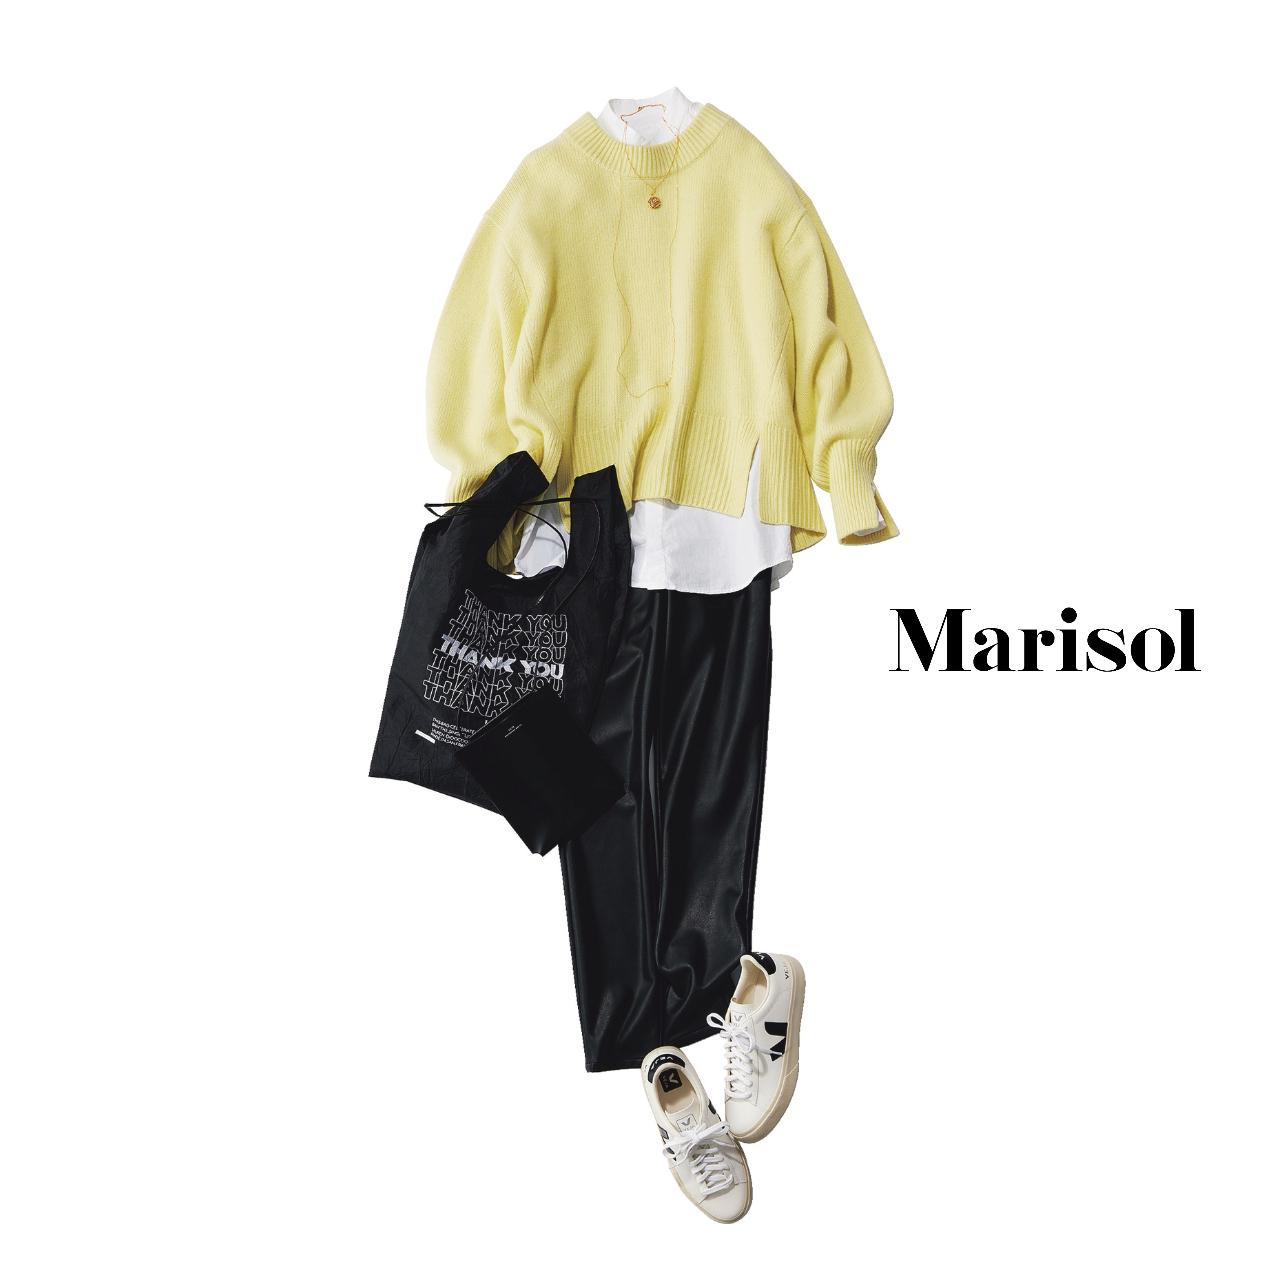 40代ファッション  イエローニット×黒パンツコーデ